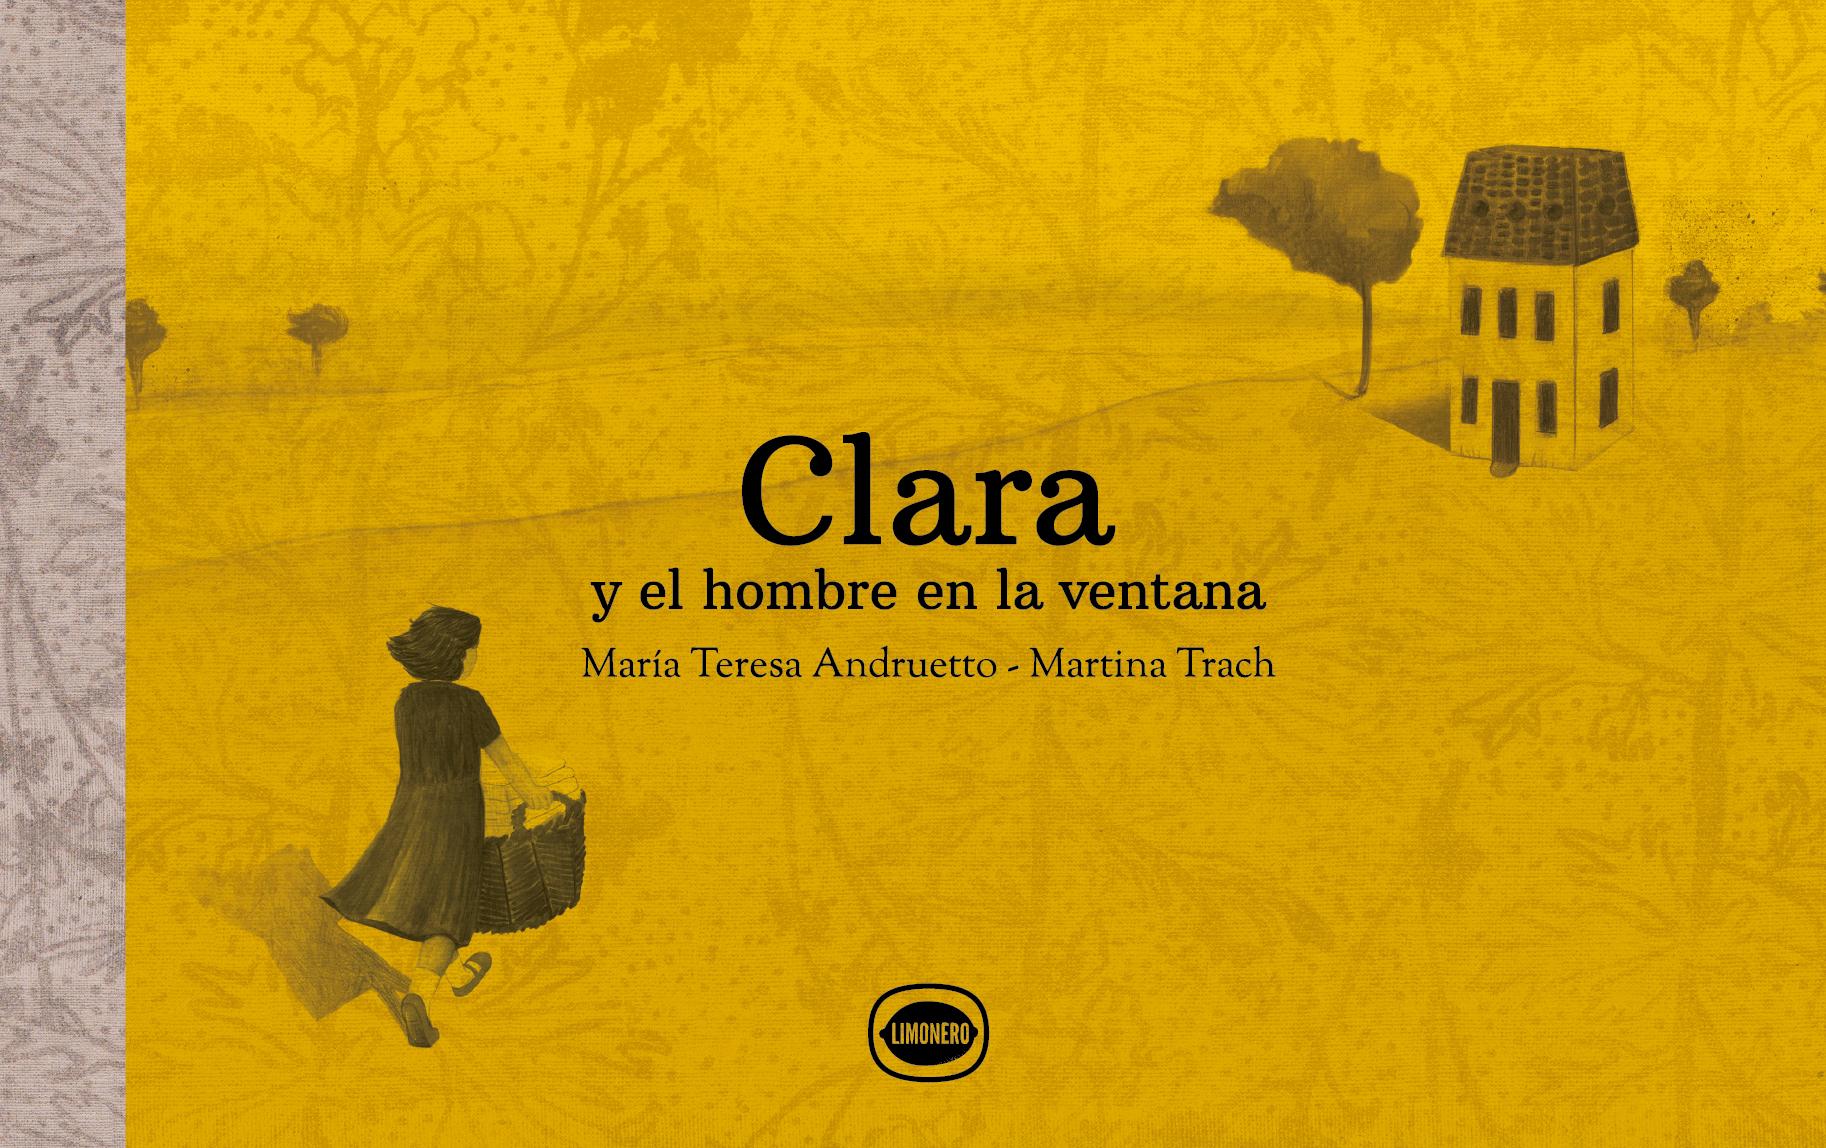 Clara y el hombre de la ventana